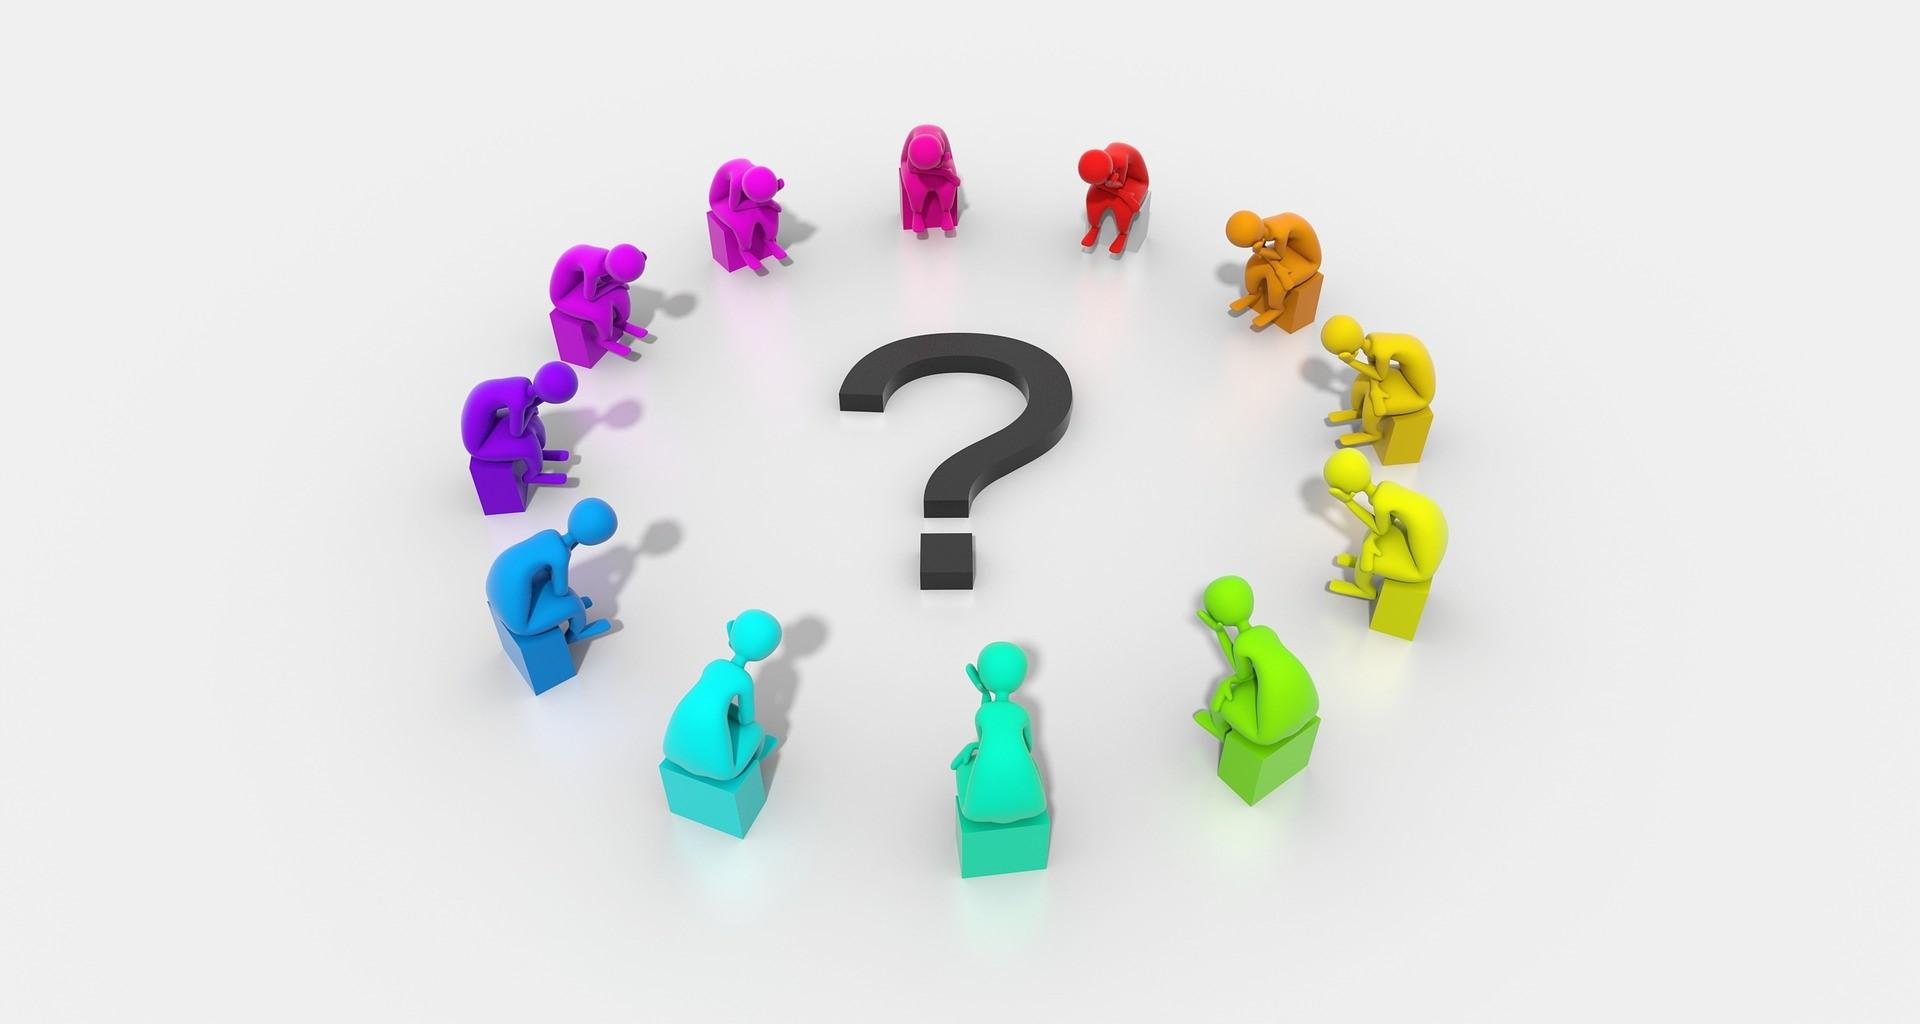 型式適合認定を取得しているものはどんなメリットがあるのか?